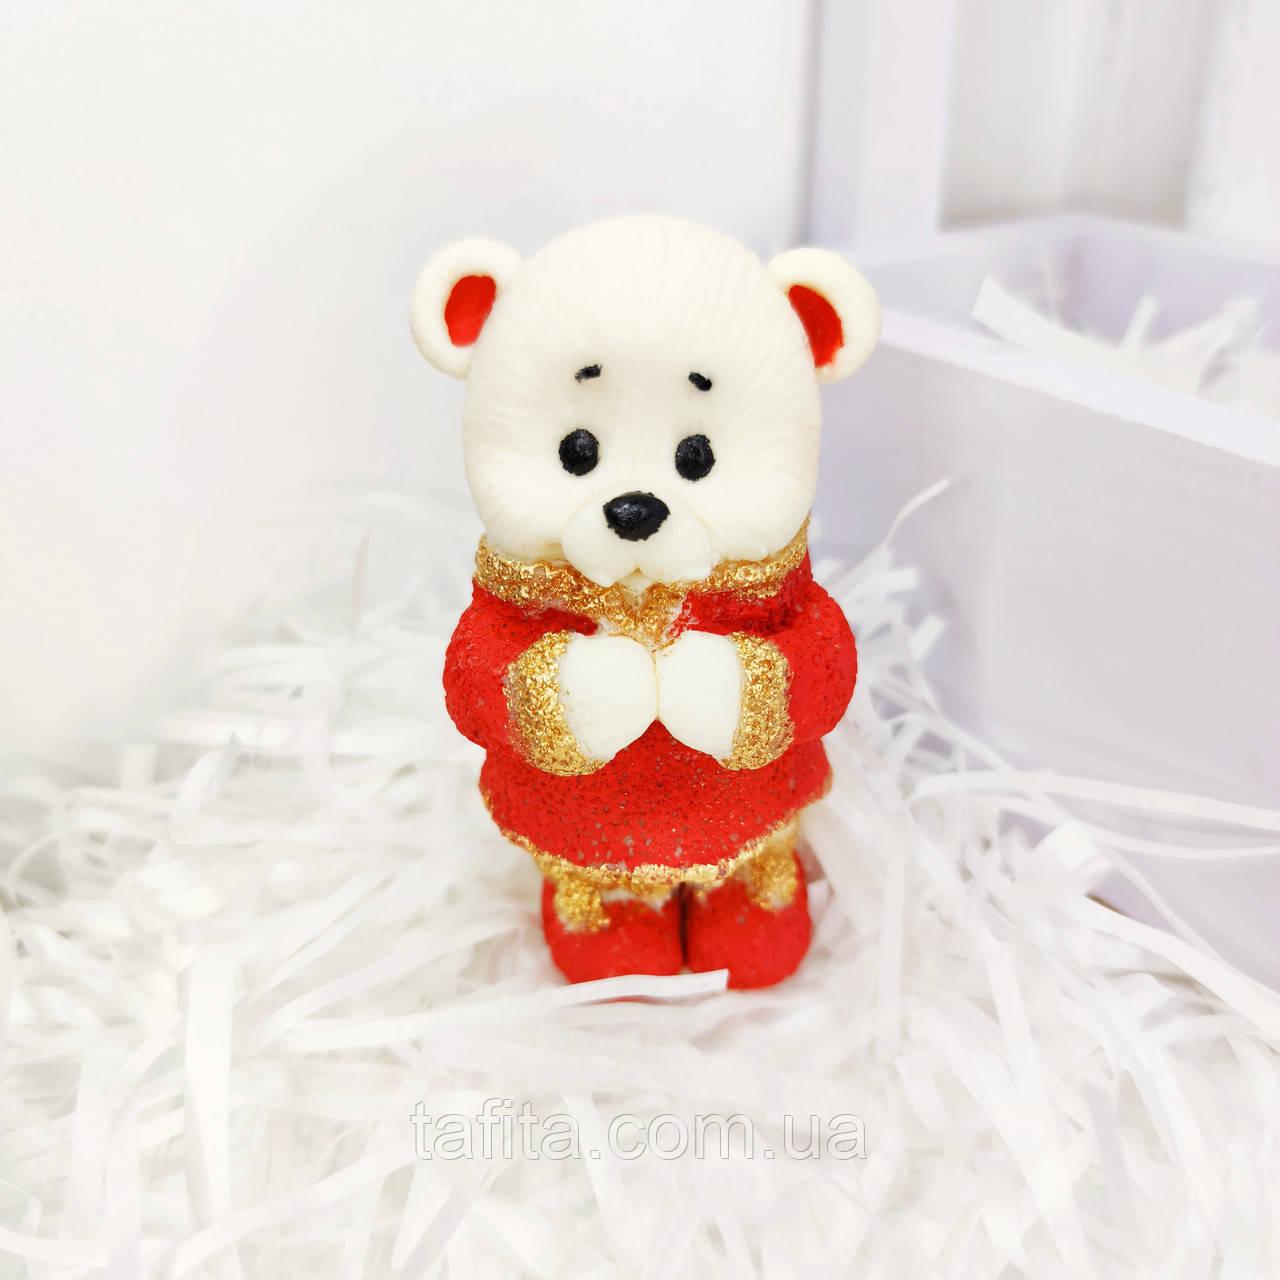 Фигурка на торт Мишка в костюме